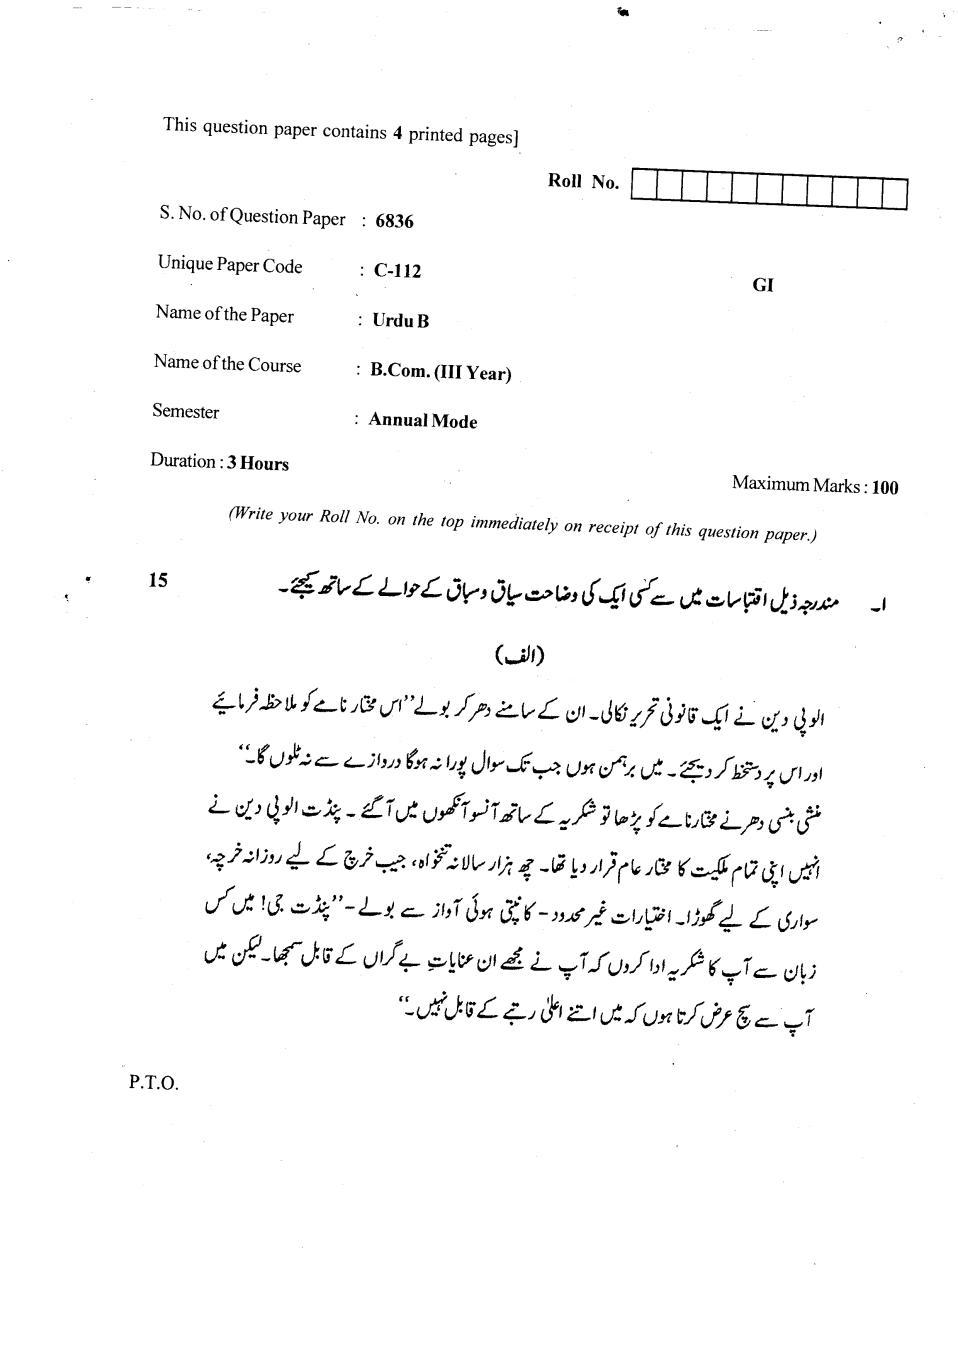 DU SOL B.Com Question Paper 3rd Year 2018 Urdu - Page 1